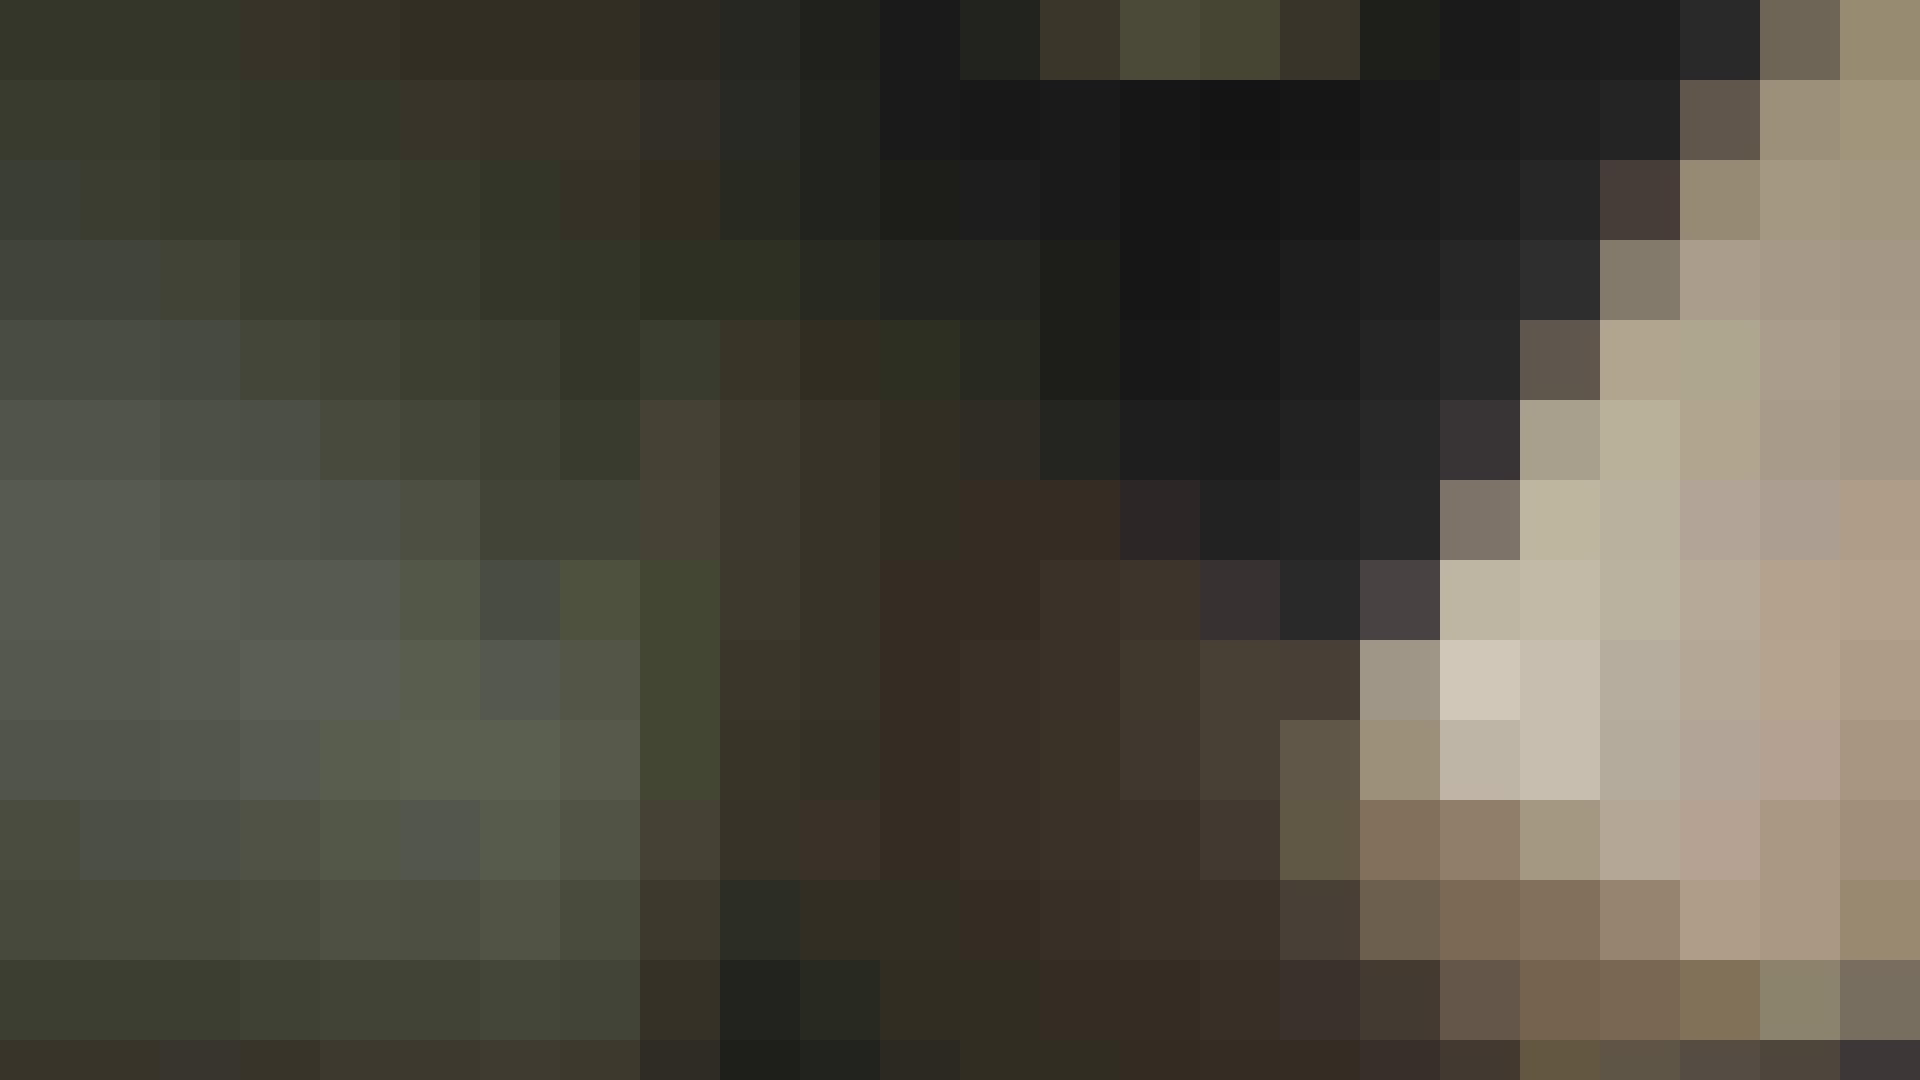 阿国ちゃんの「和式洋式七変化」No.18 iBO(フタコブ) 和式便所 セックス無修正動画無料 105枚 17